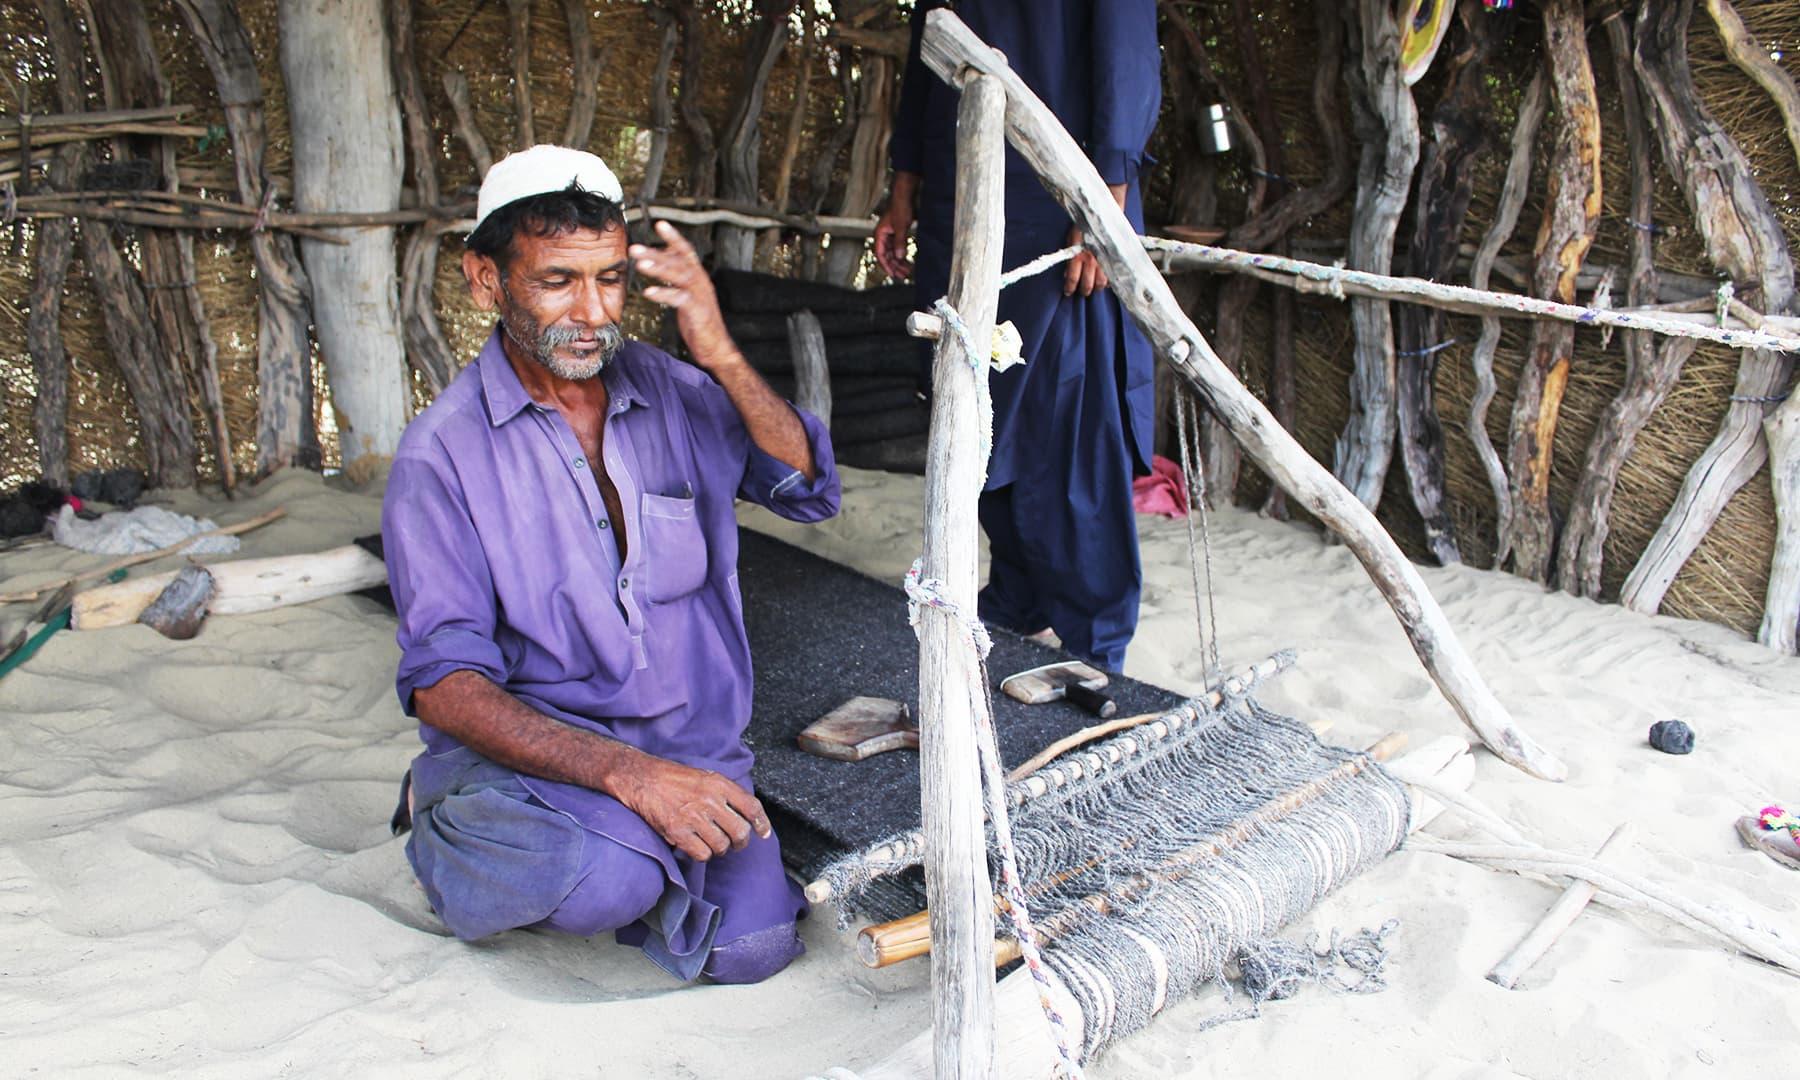 اچھڑو تھر کا یہ بھیل قبیلہ اپنے گھروں میں فراسی اور کھیس تیار کرتے ہیں—تصویر اختر حفیظ